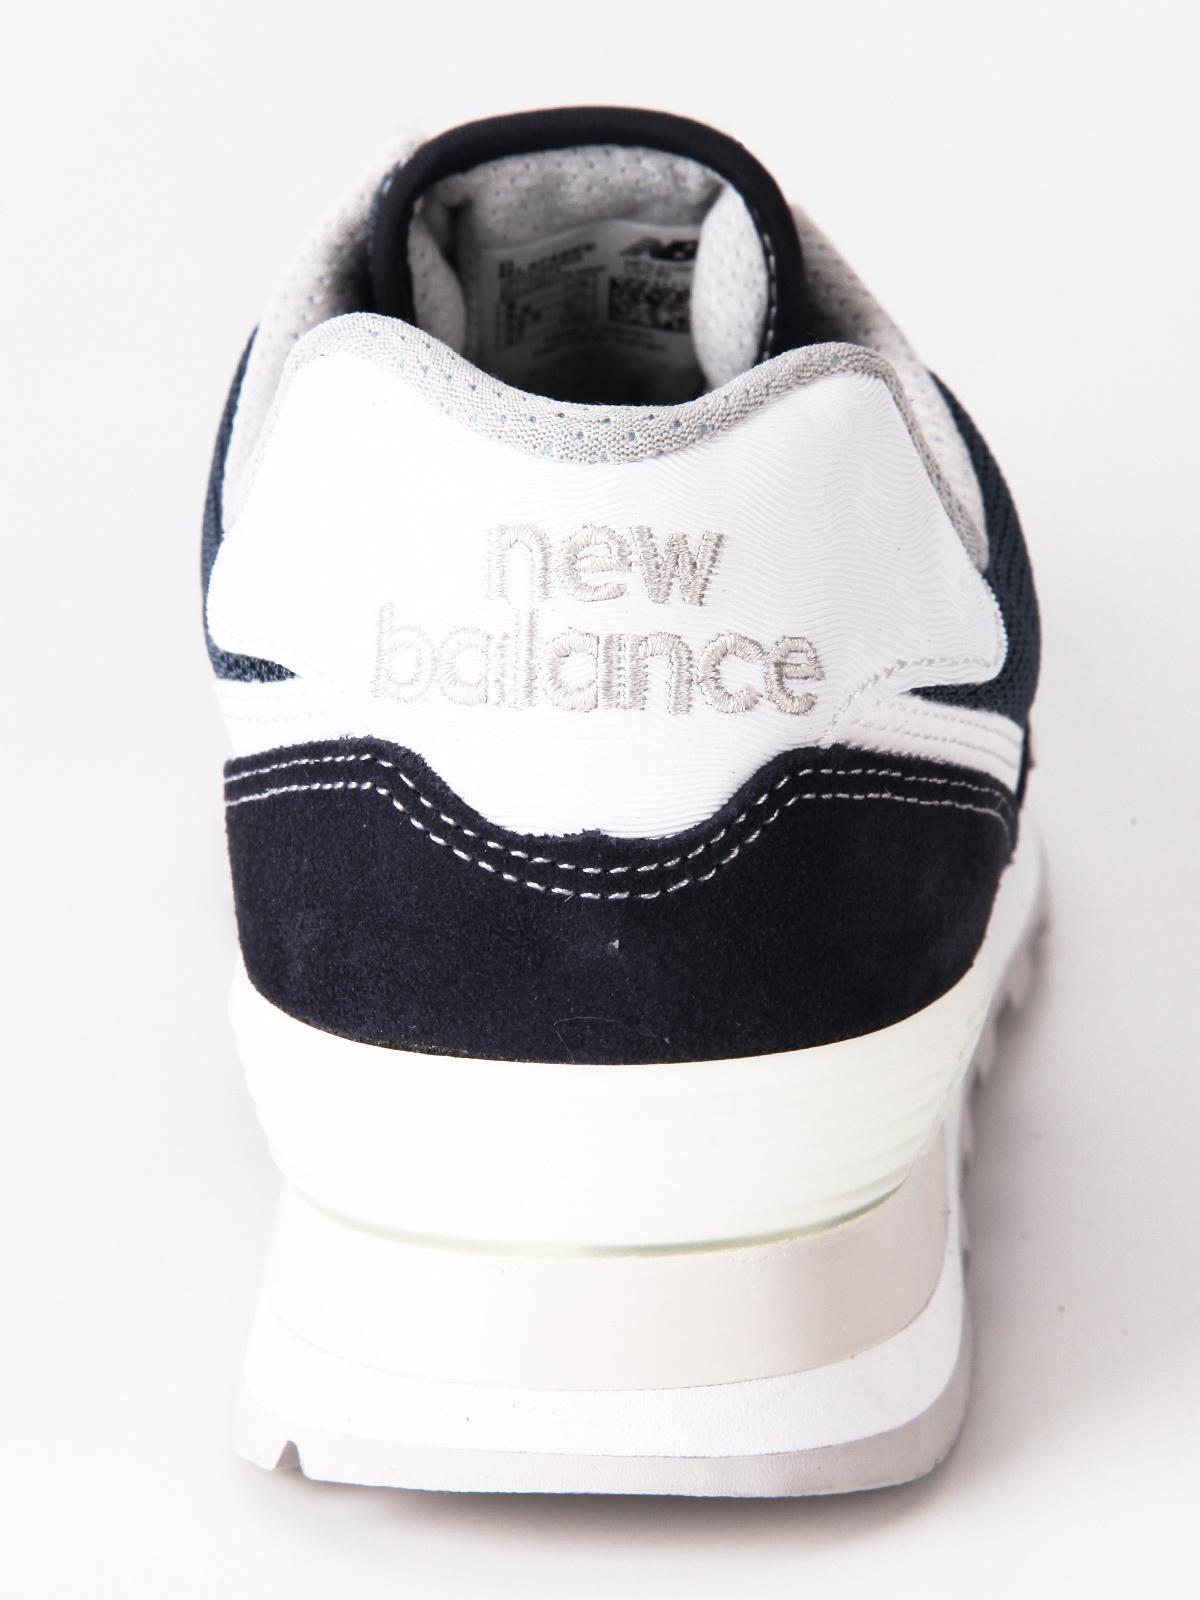 Zapatillas deportivas bicolor hombre   MecShopping